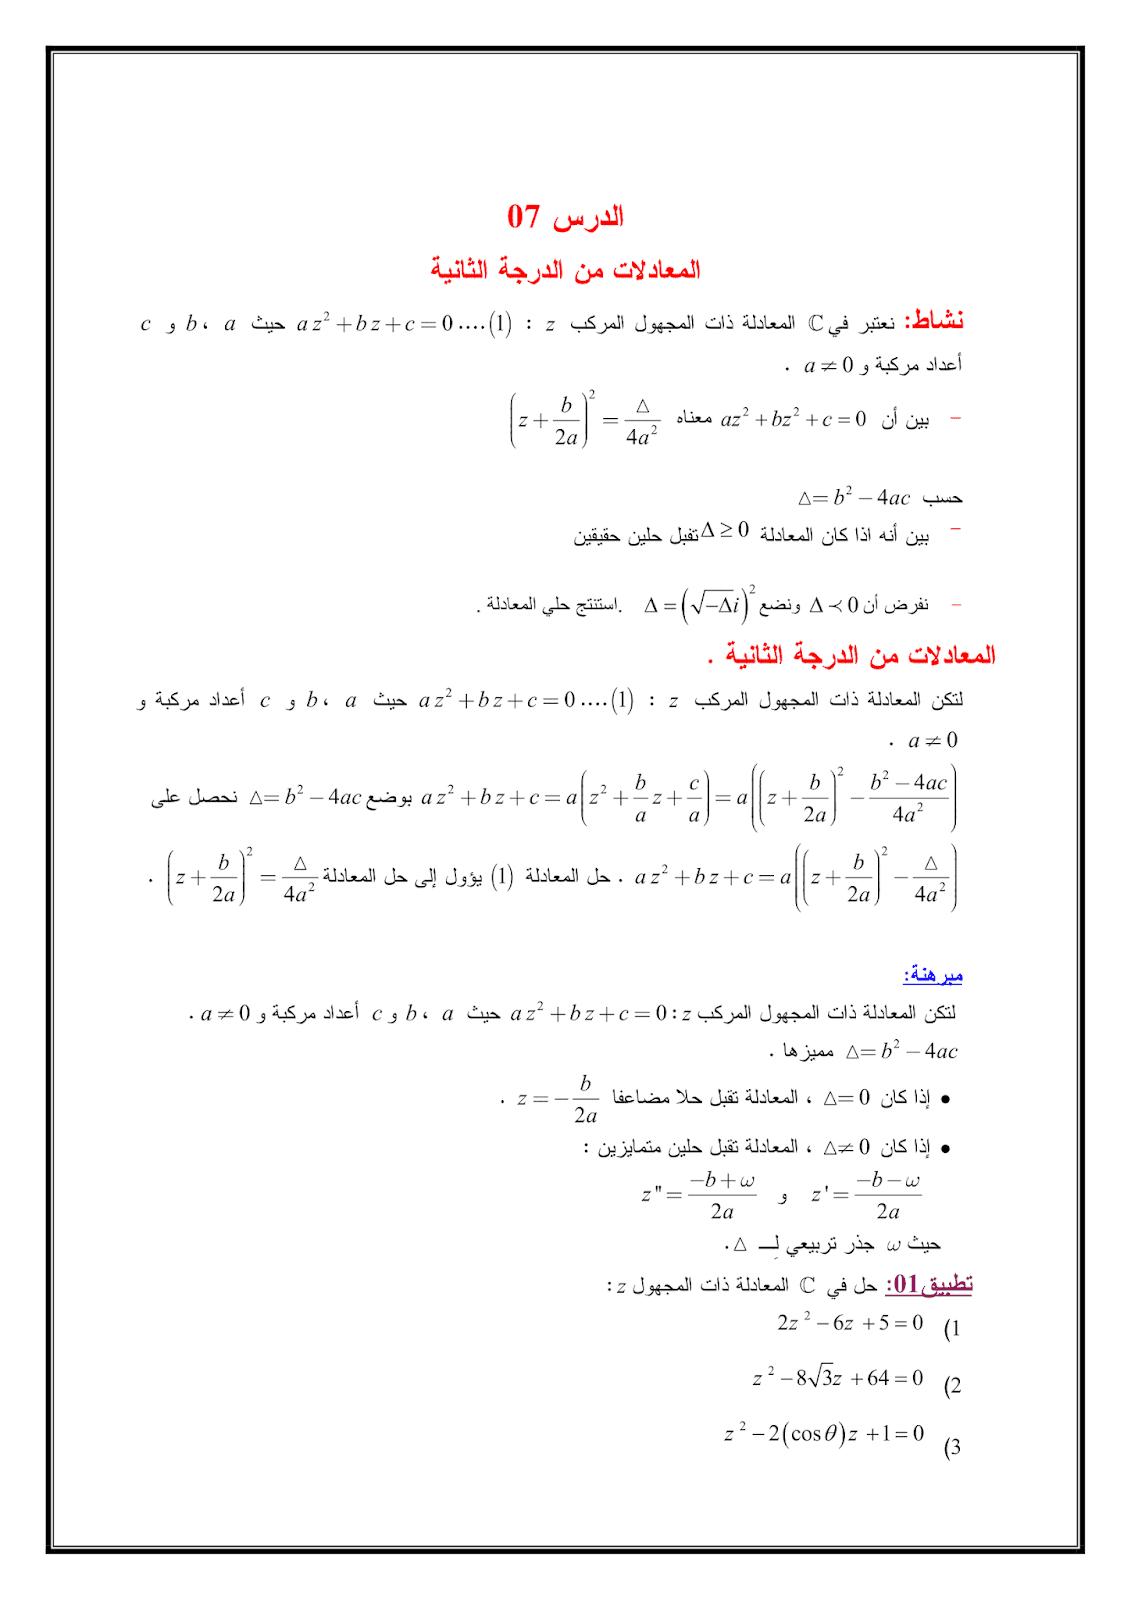 المعادلات التحويلات النقطية مجموعة الأعداد 1 Min Png Personalized Items Bullet Journal Journal